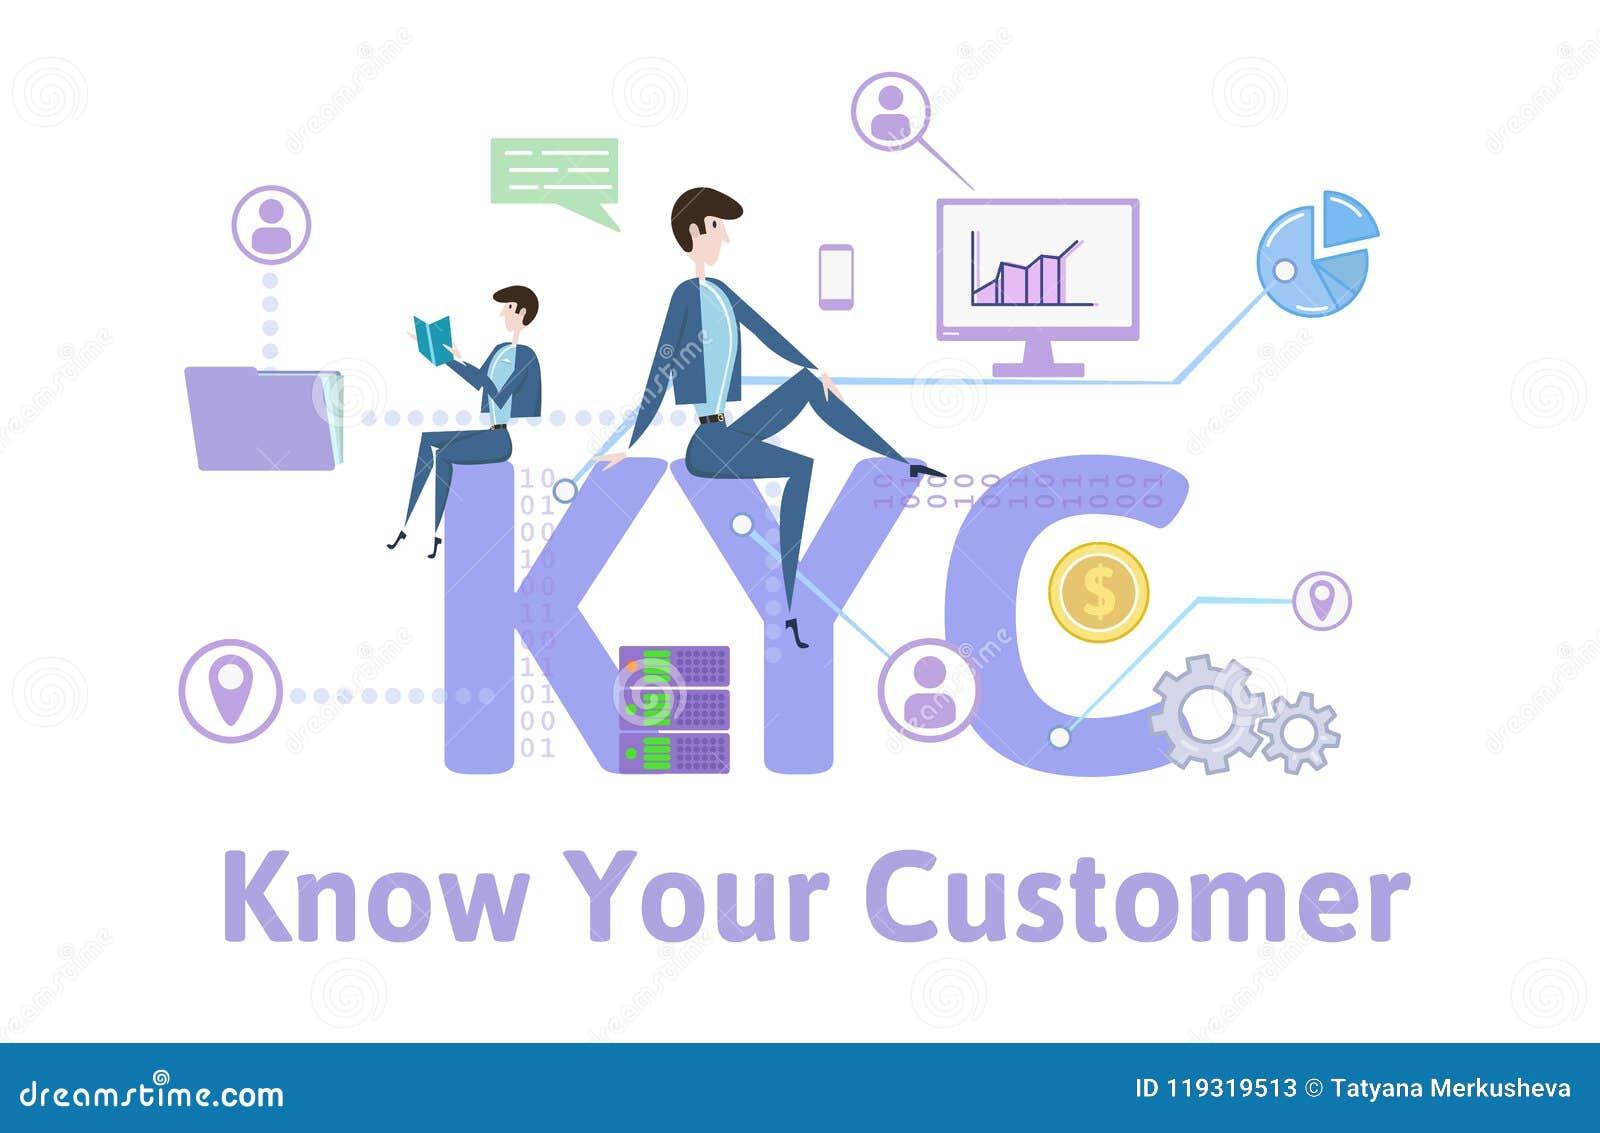 KYC, conhecem seu cliente Tabela do conceito com palavras-chaves, letras e ícones Ilustração lisa colorida do vetor no branco